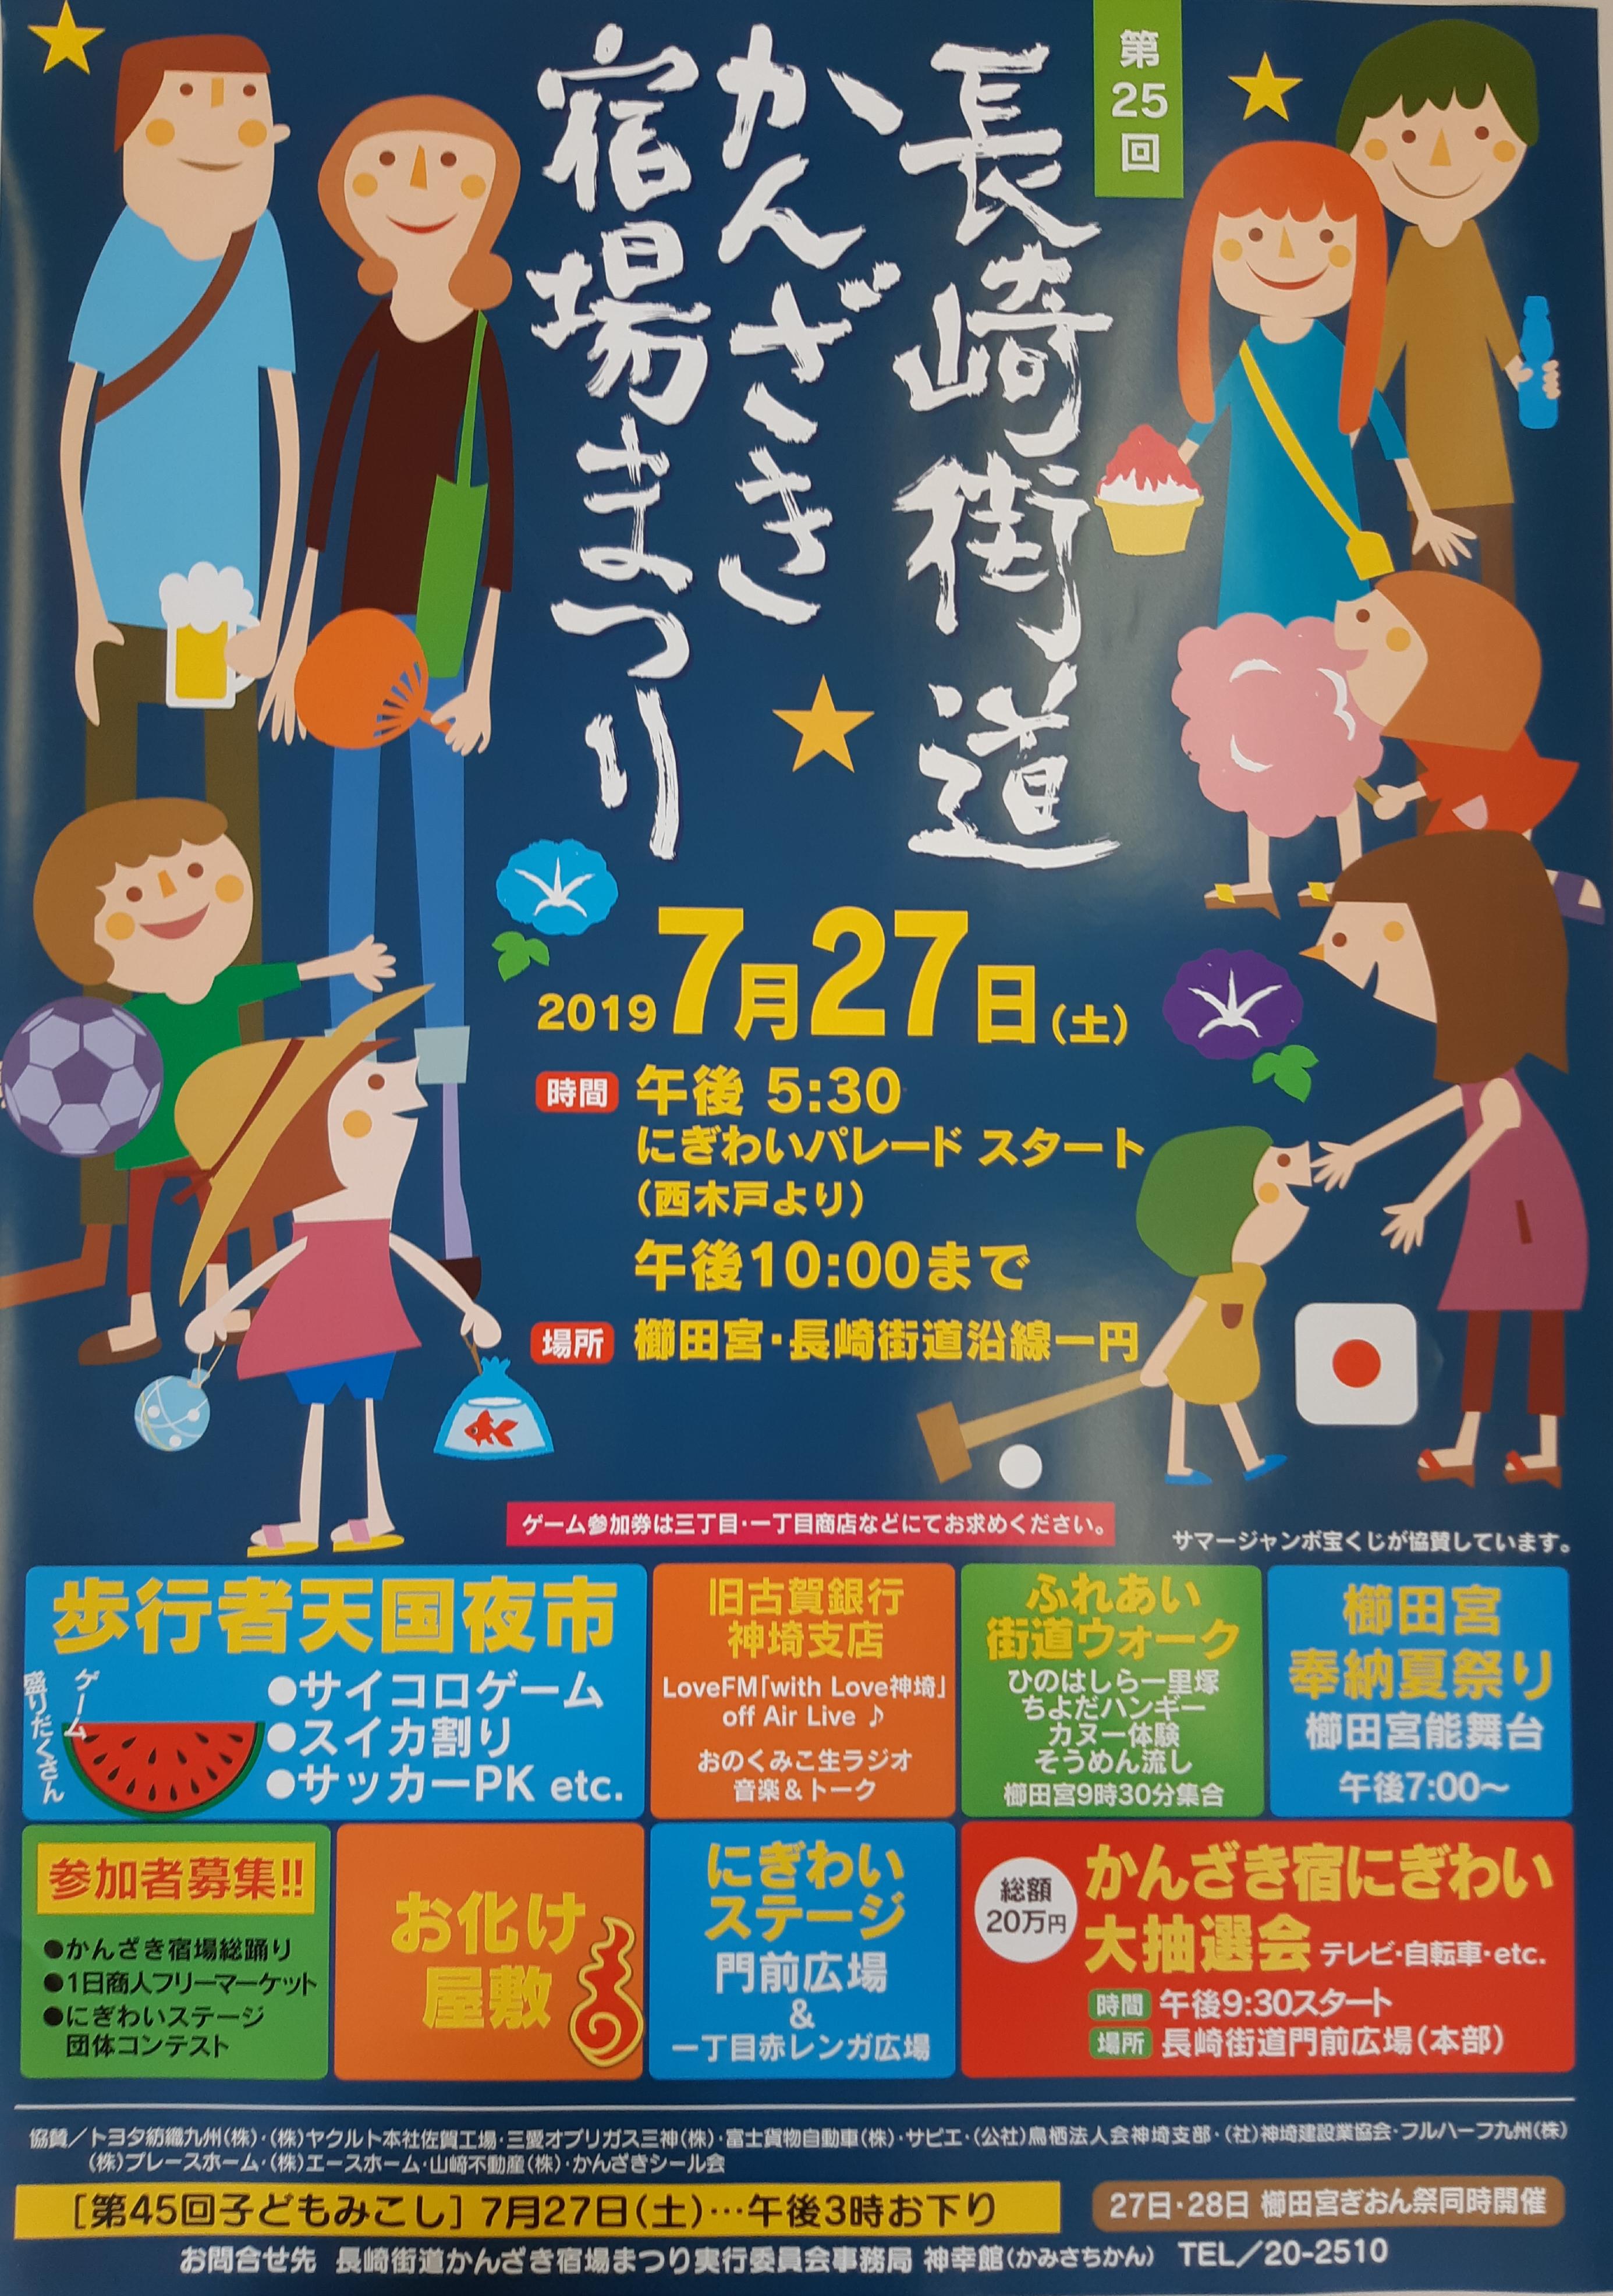 第25回長崎街道かんざき宿場まつり いよいよ開催